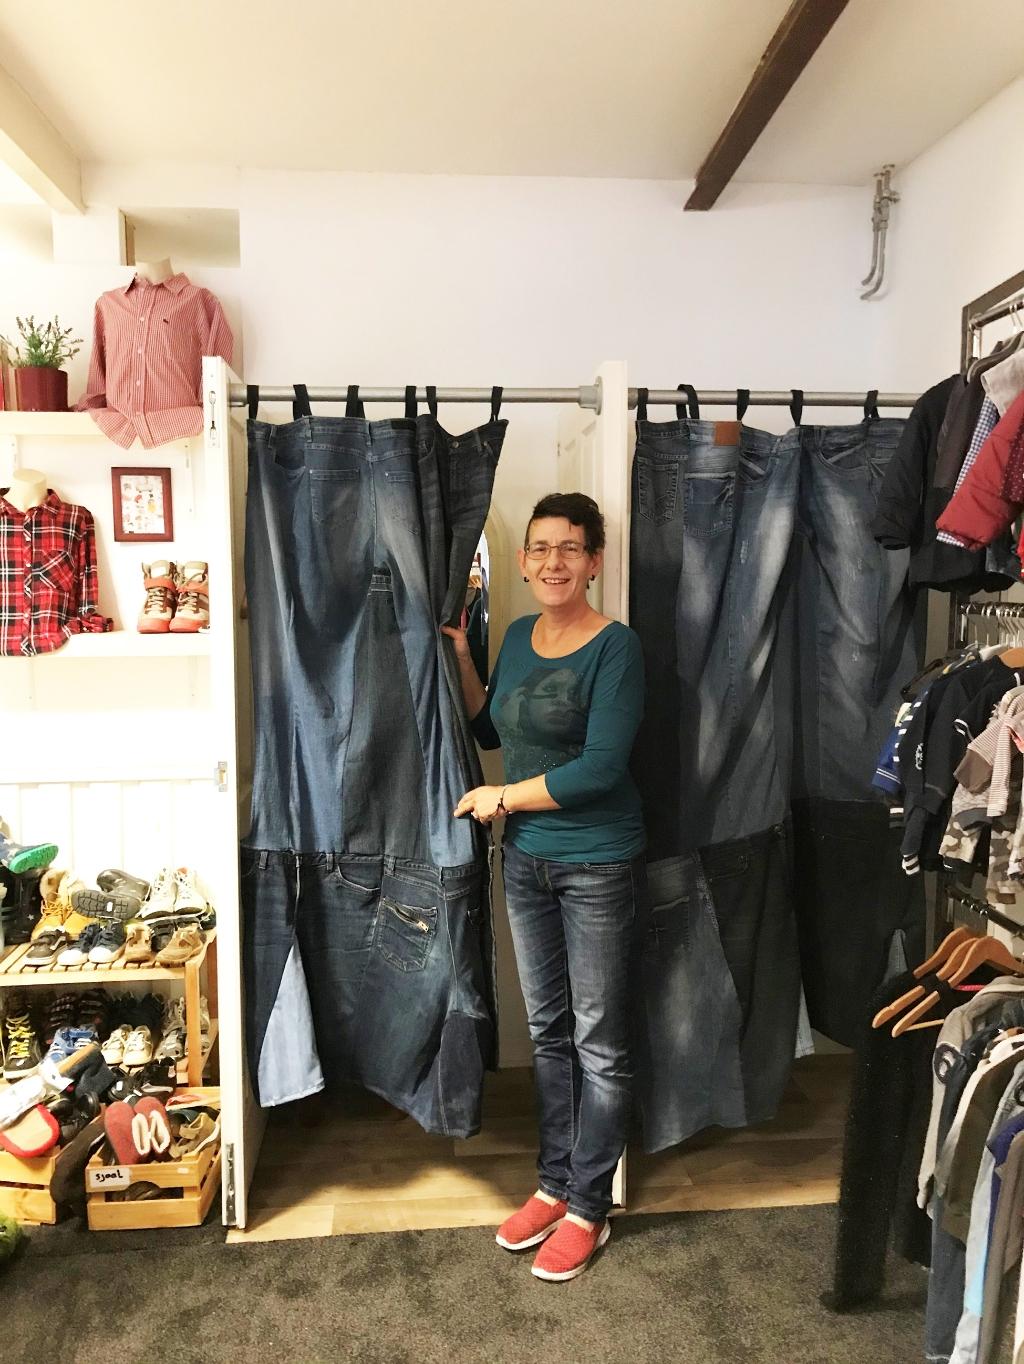 Andrea heeft hippe gordijnen gemaakt voor de paskamers. (Foto: Aangeleverd) © rodi